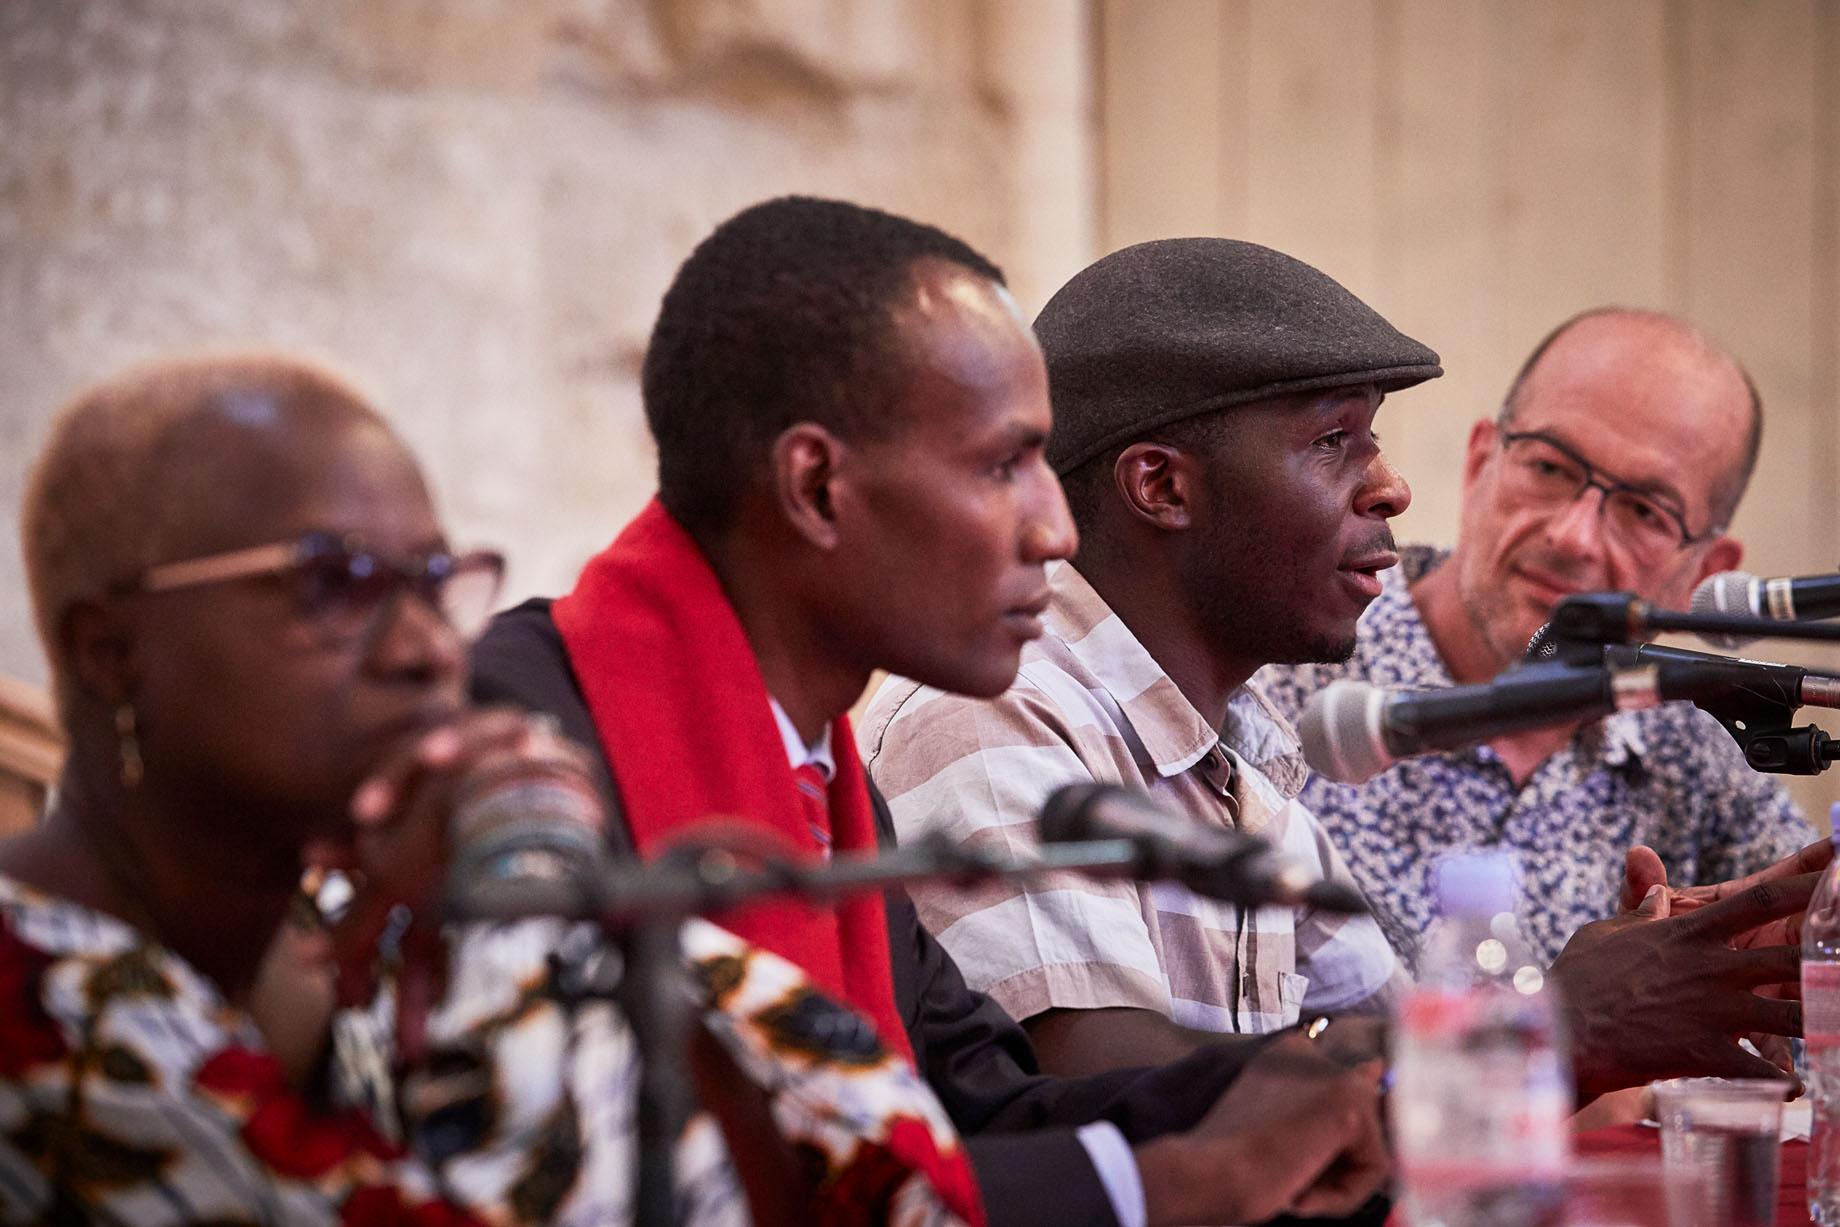 Comment les mouvements de jeunesse africains renouvellent le combat pour les droits humains